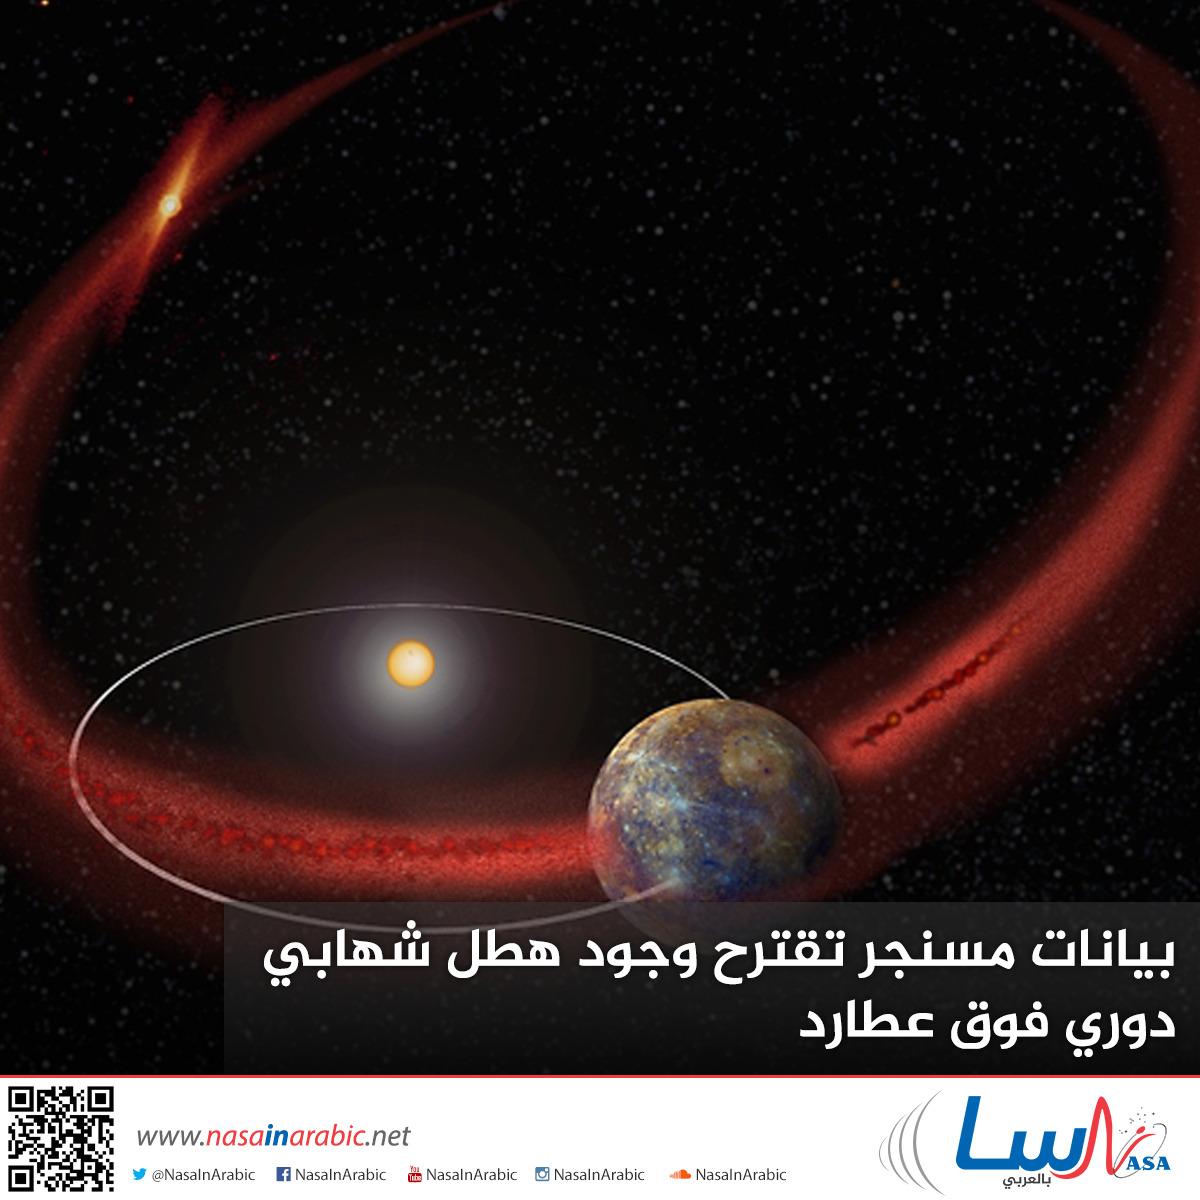 بيانات مسنجر تقترح وجود هطلٍ شهابيٍ دوريٍ فوق عطارد